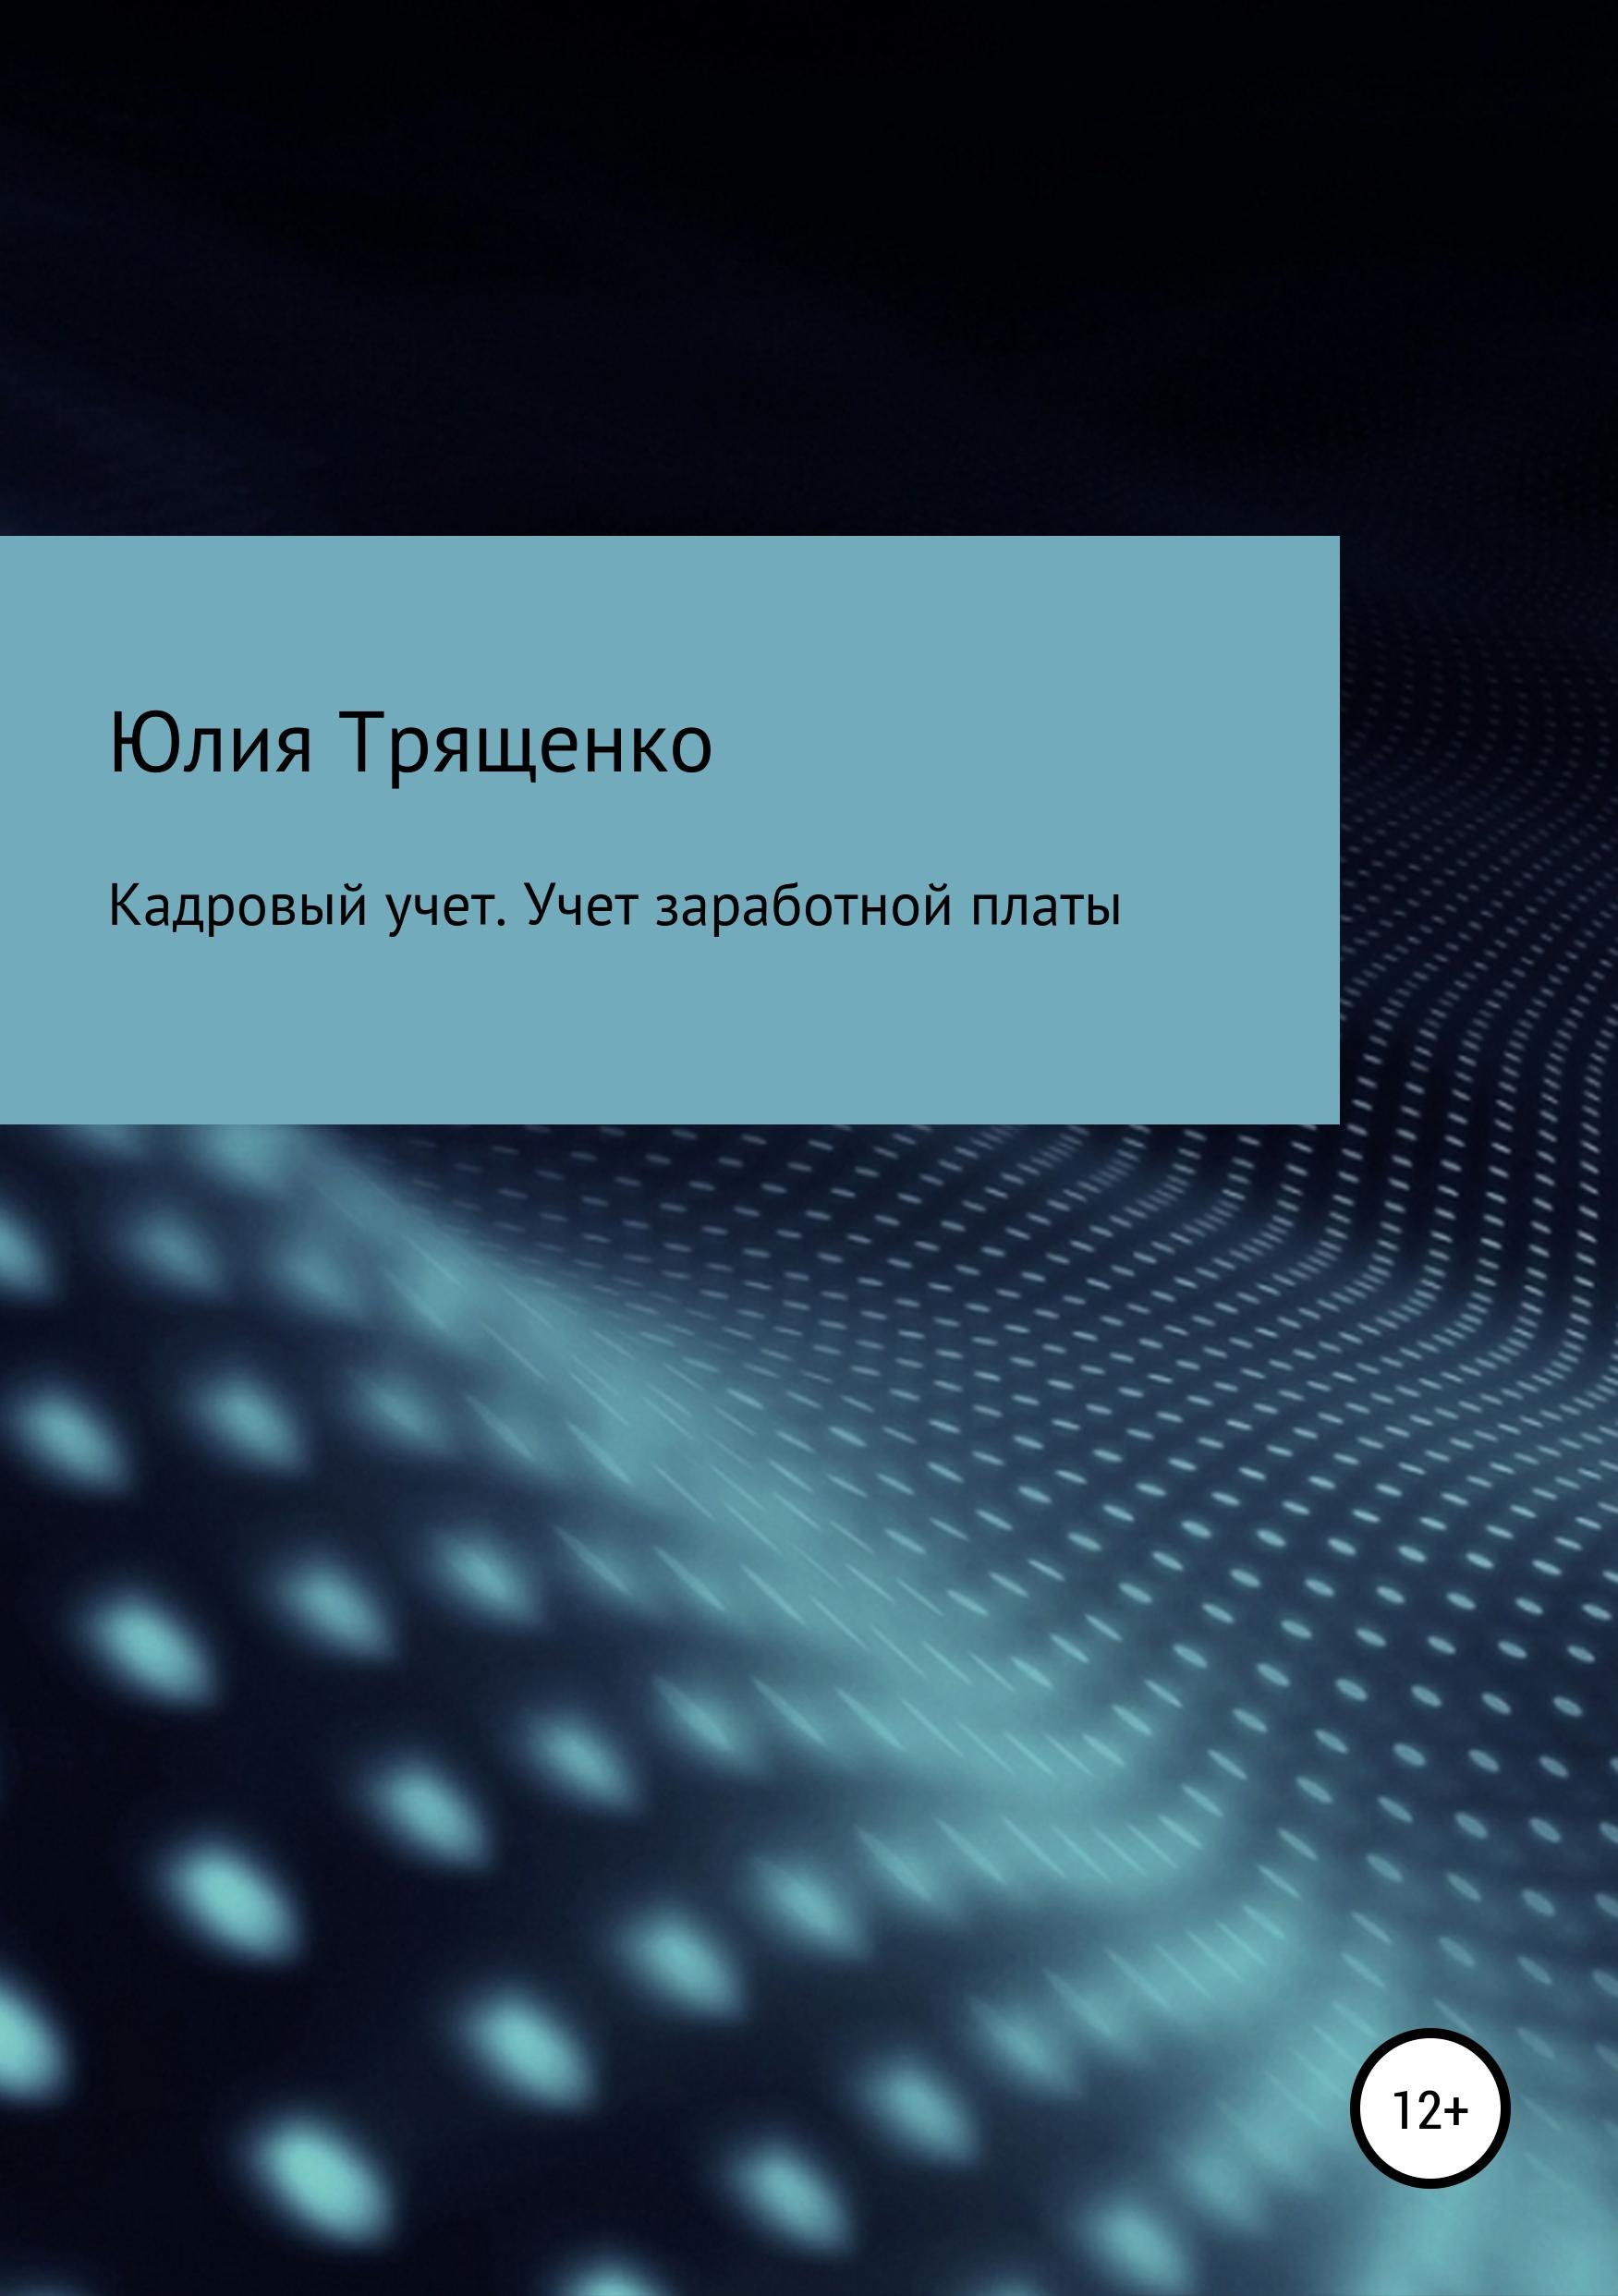 Обложка книги Кадровый учет. Учет заработной платы